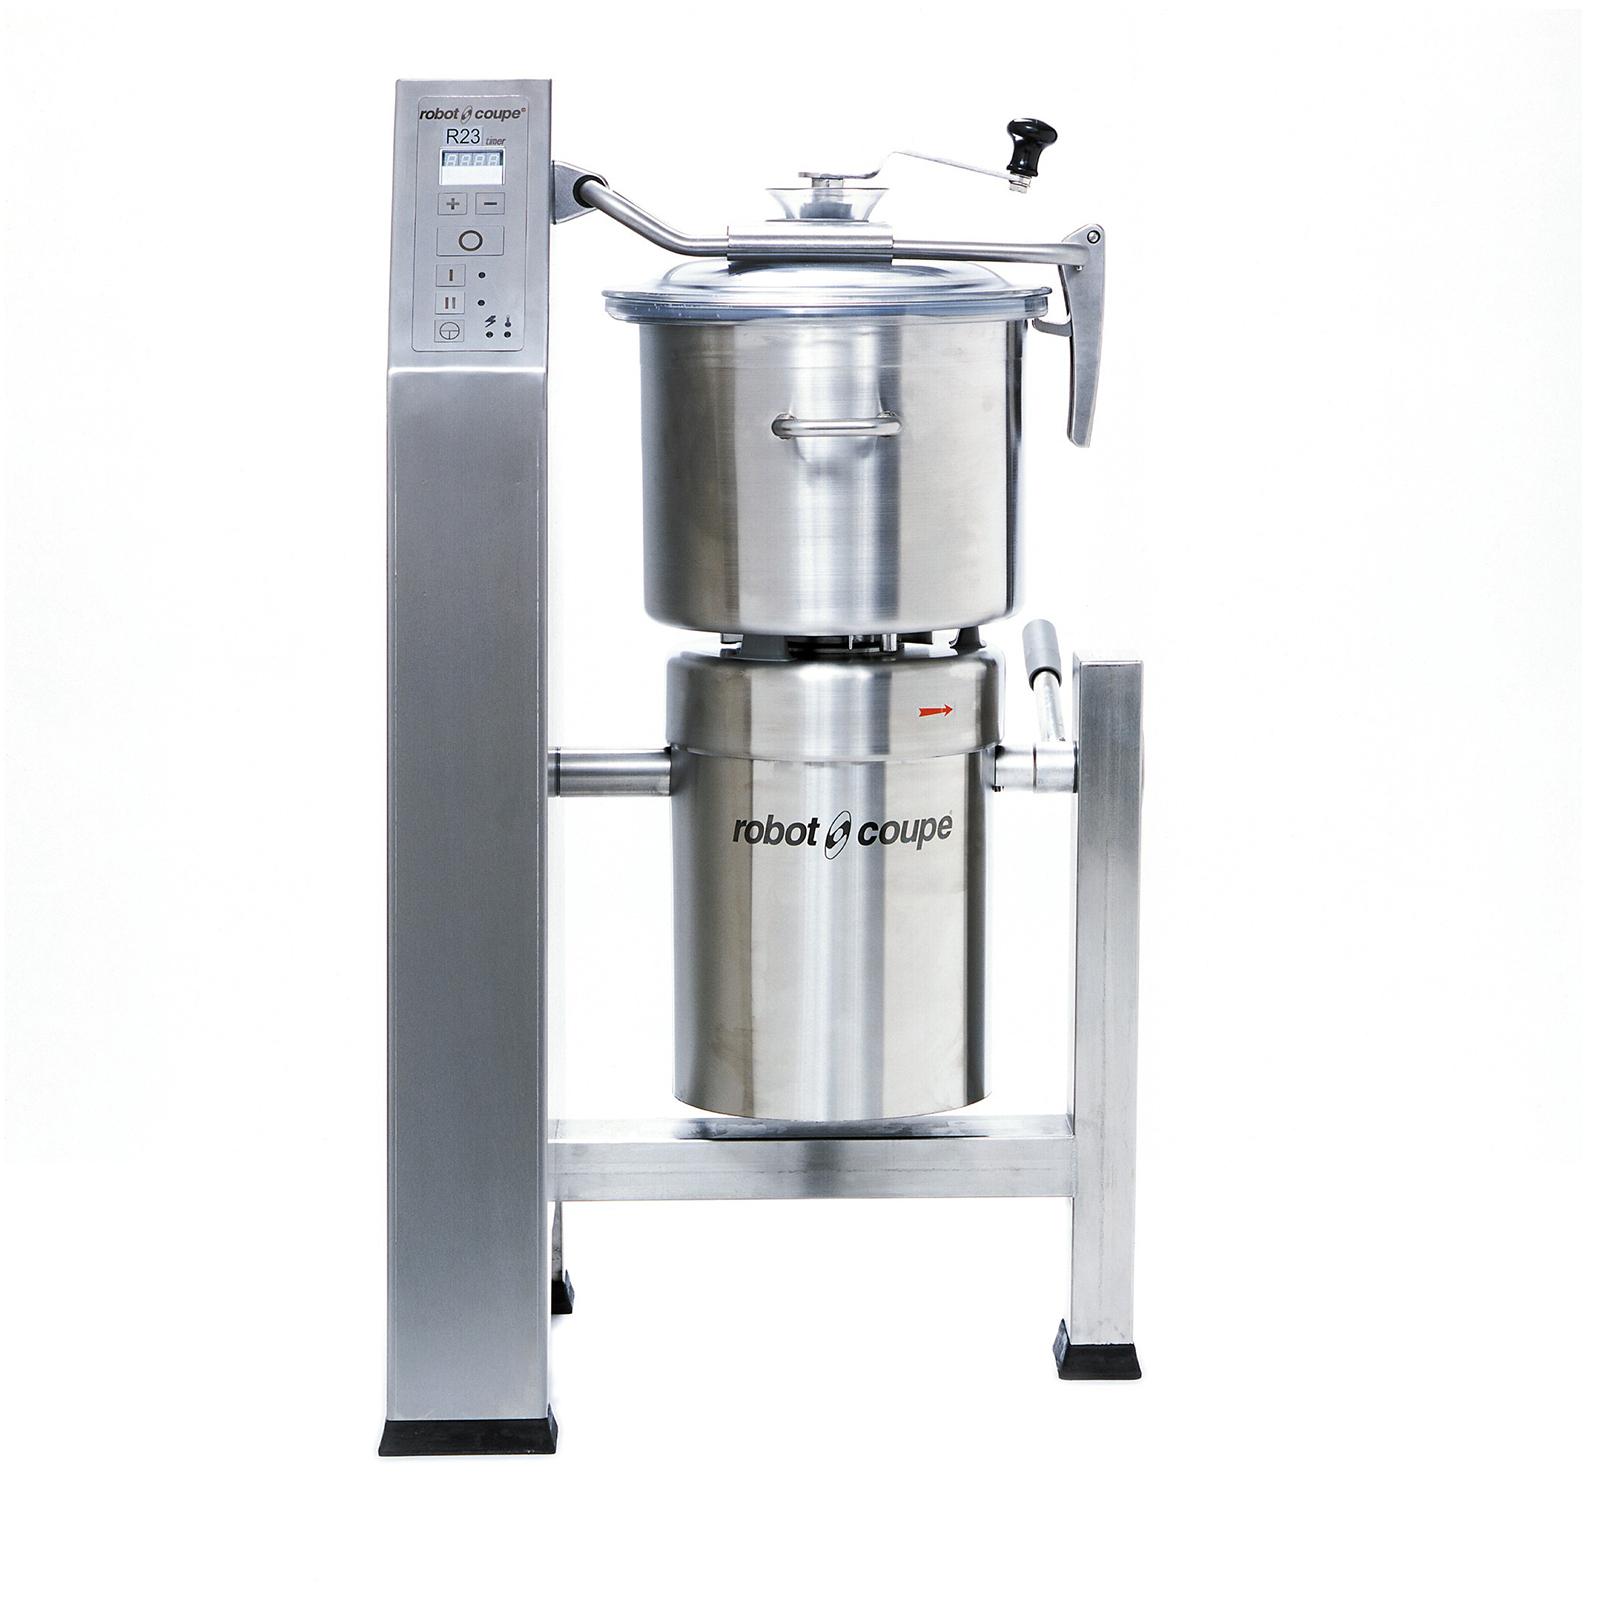 Robot Coupe BLIXER 23 food processor, floor model